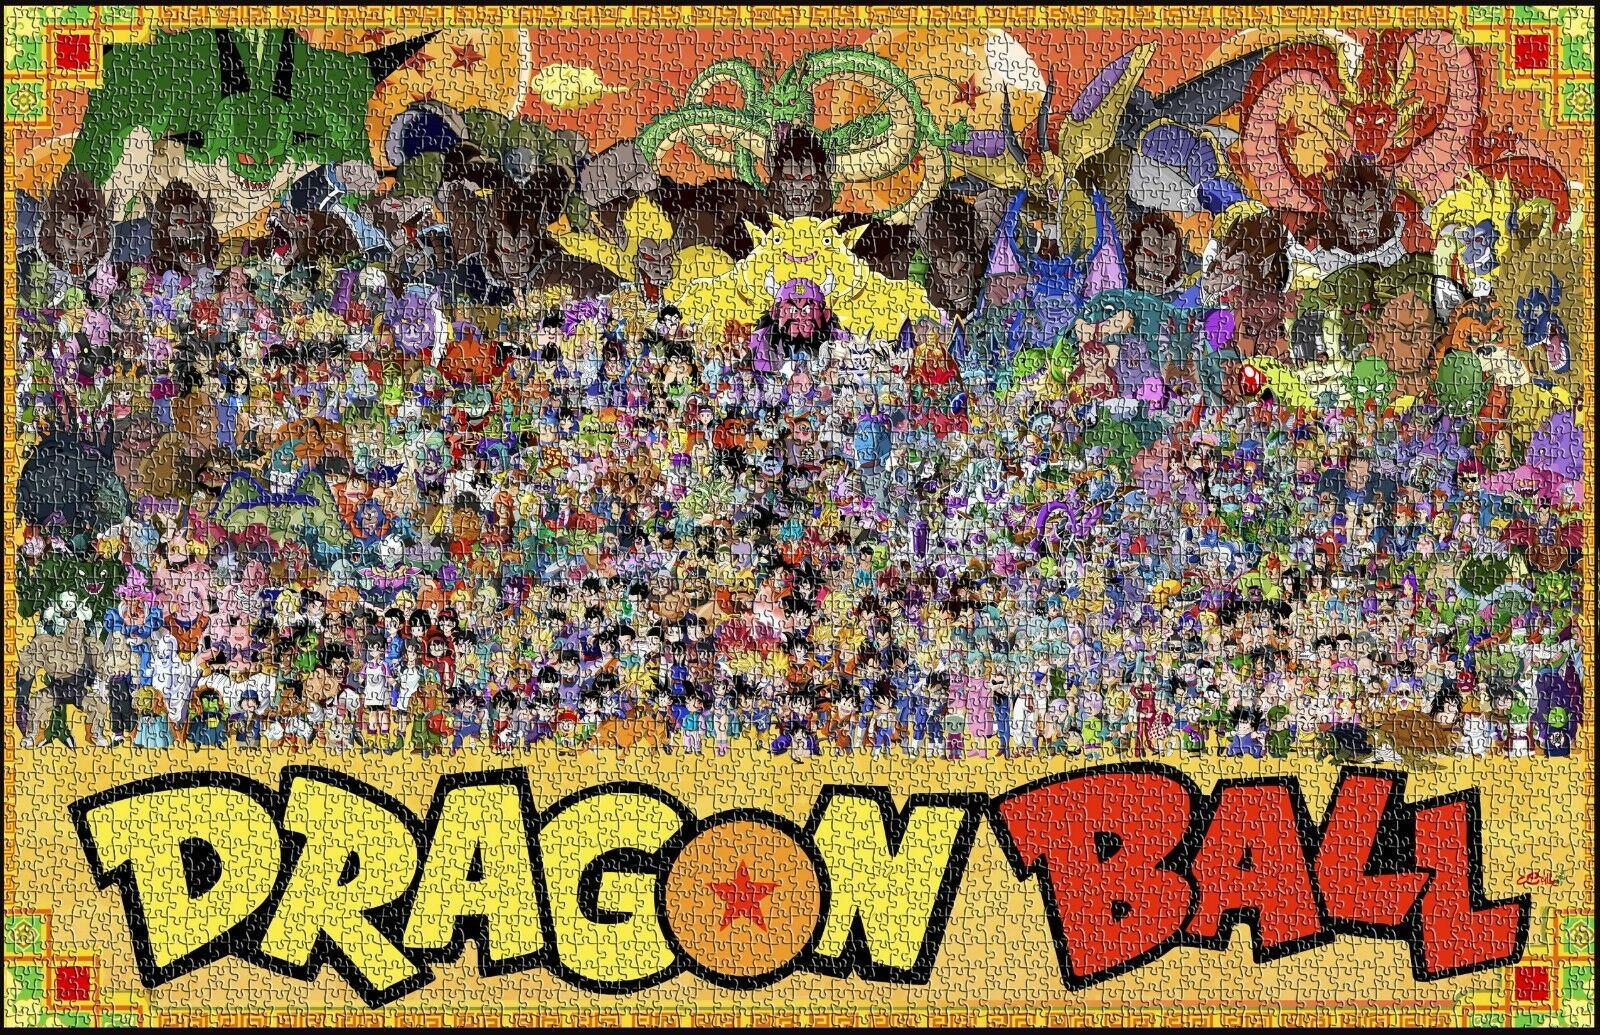 Dragon ball z goku dbz hervorruft, anime - kinder spielzeug spielen, jp 1000 stck jigsaw puzzles puzzle